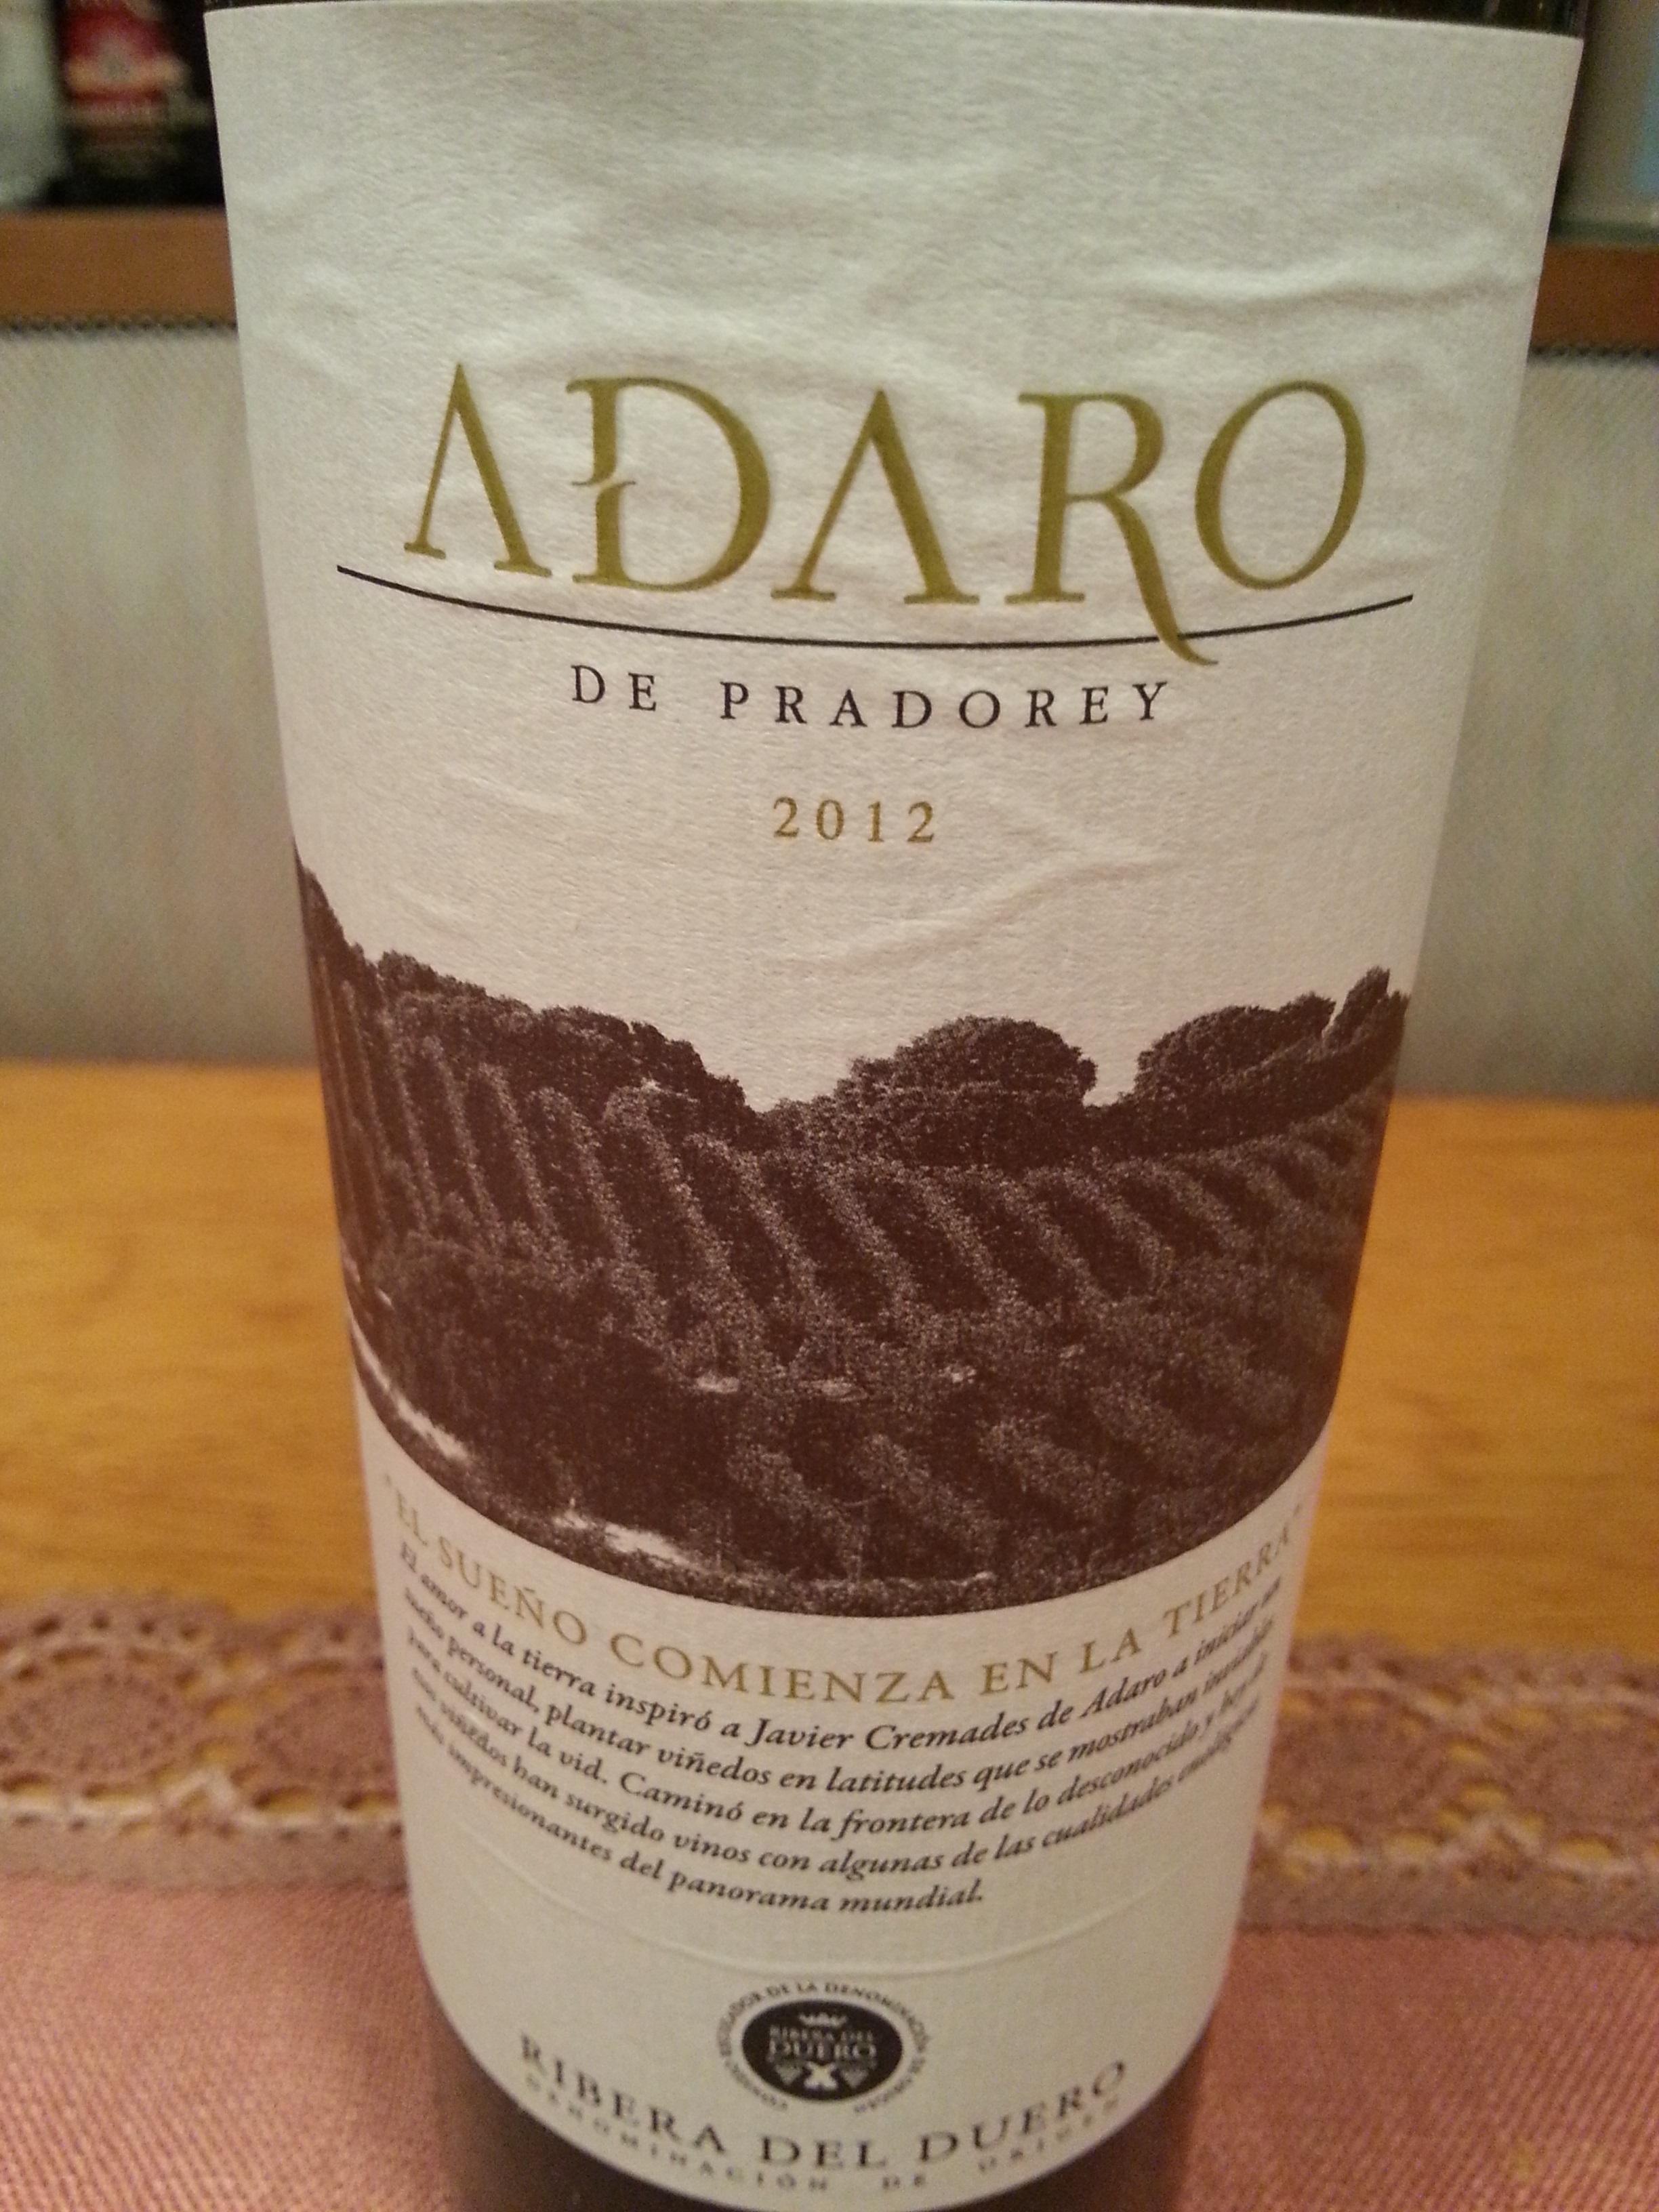 2012 Adaro | Prado Rey